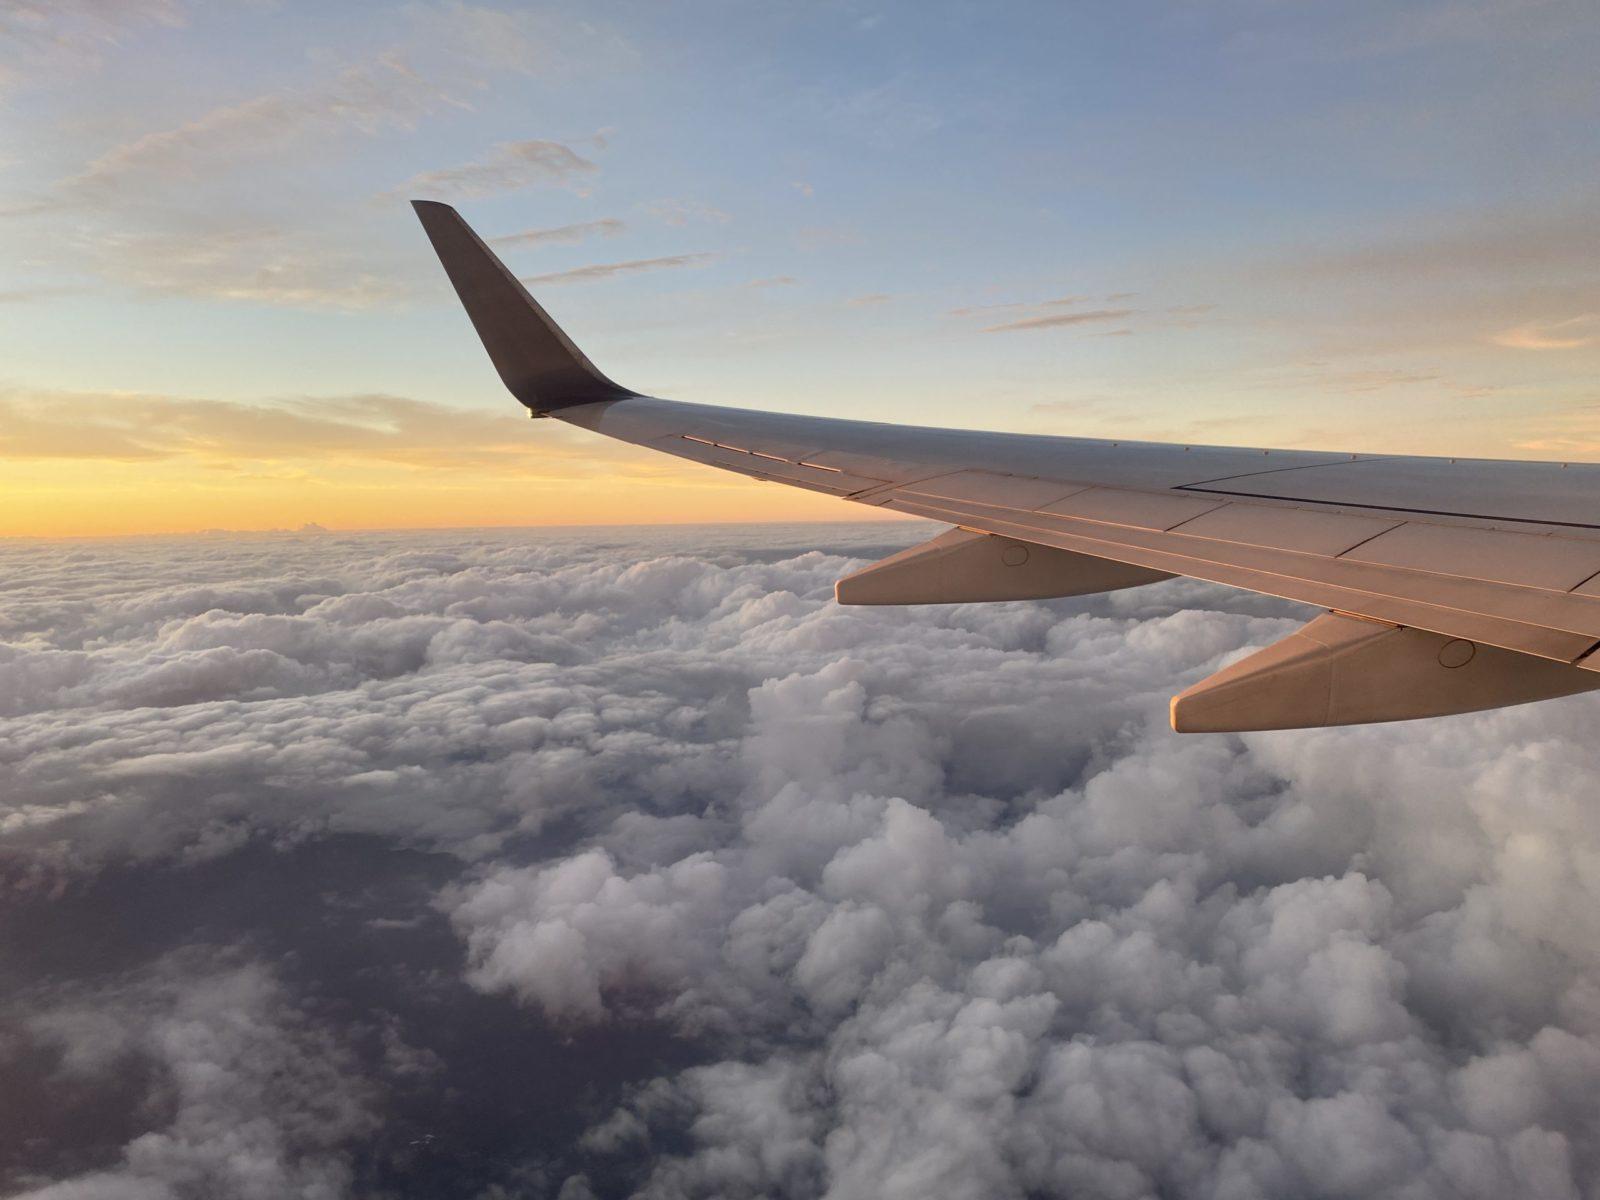 どこかにマイルで行く JR四国乗り潰し紀行 その8 日本航空440便(松山→羽田)搭乗記